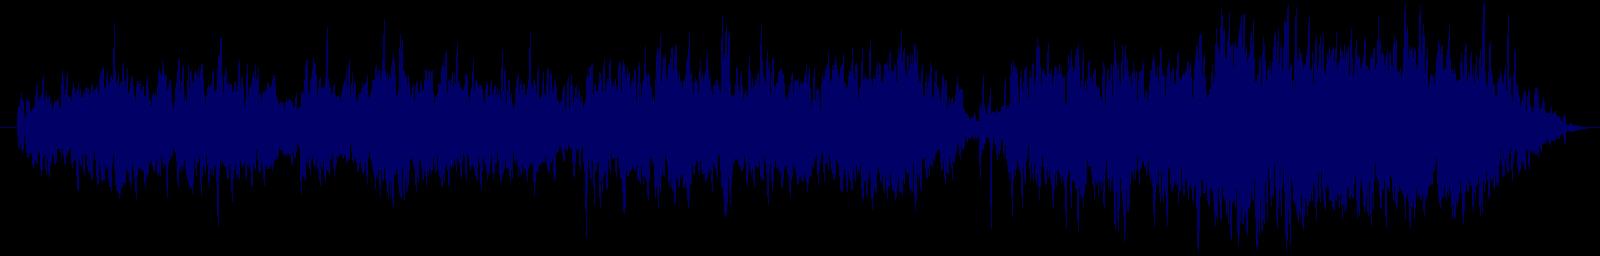 waveform of track #145908